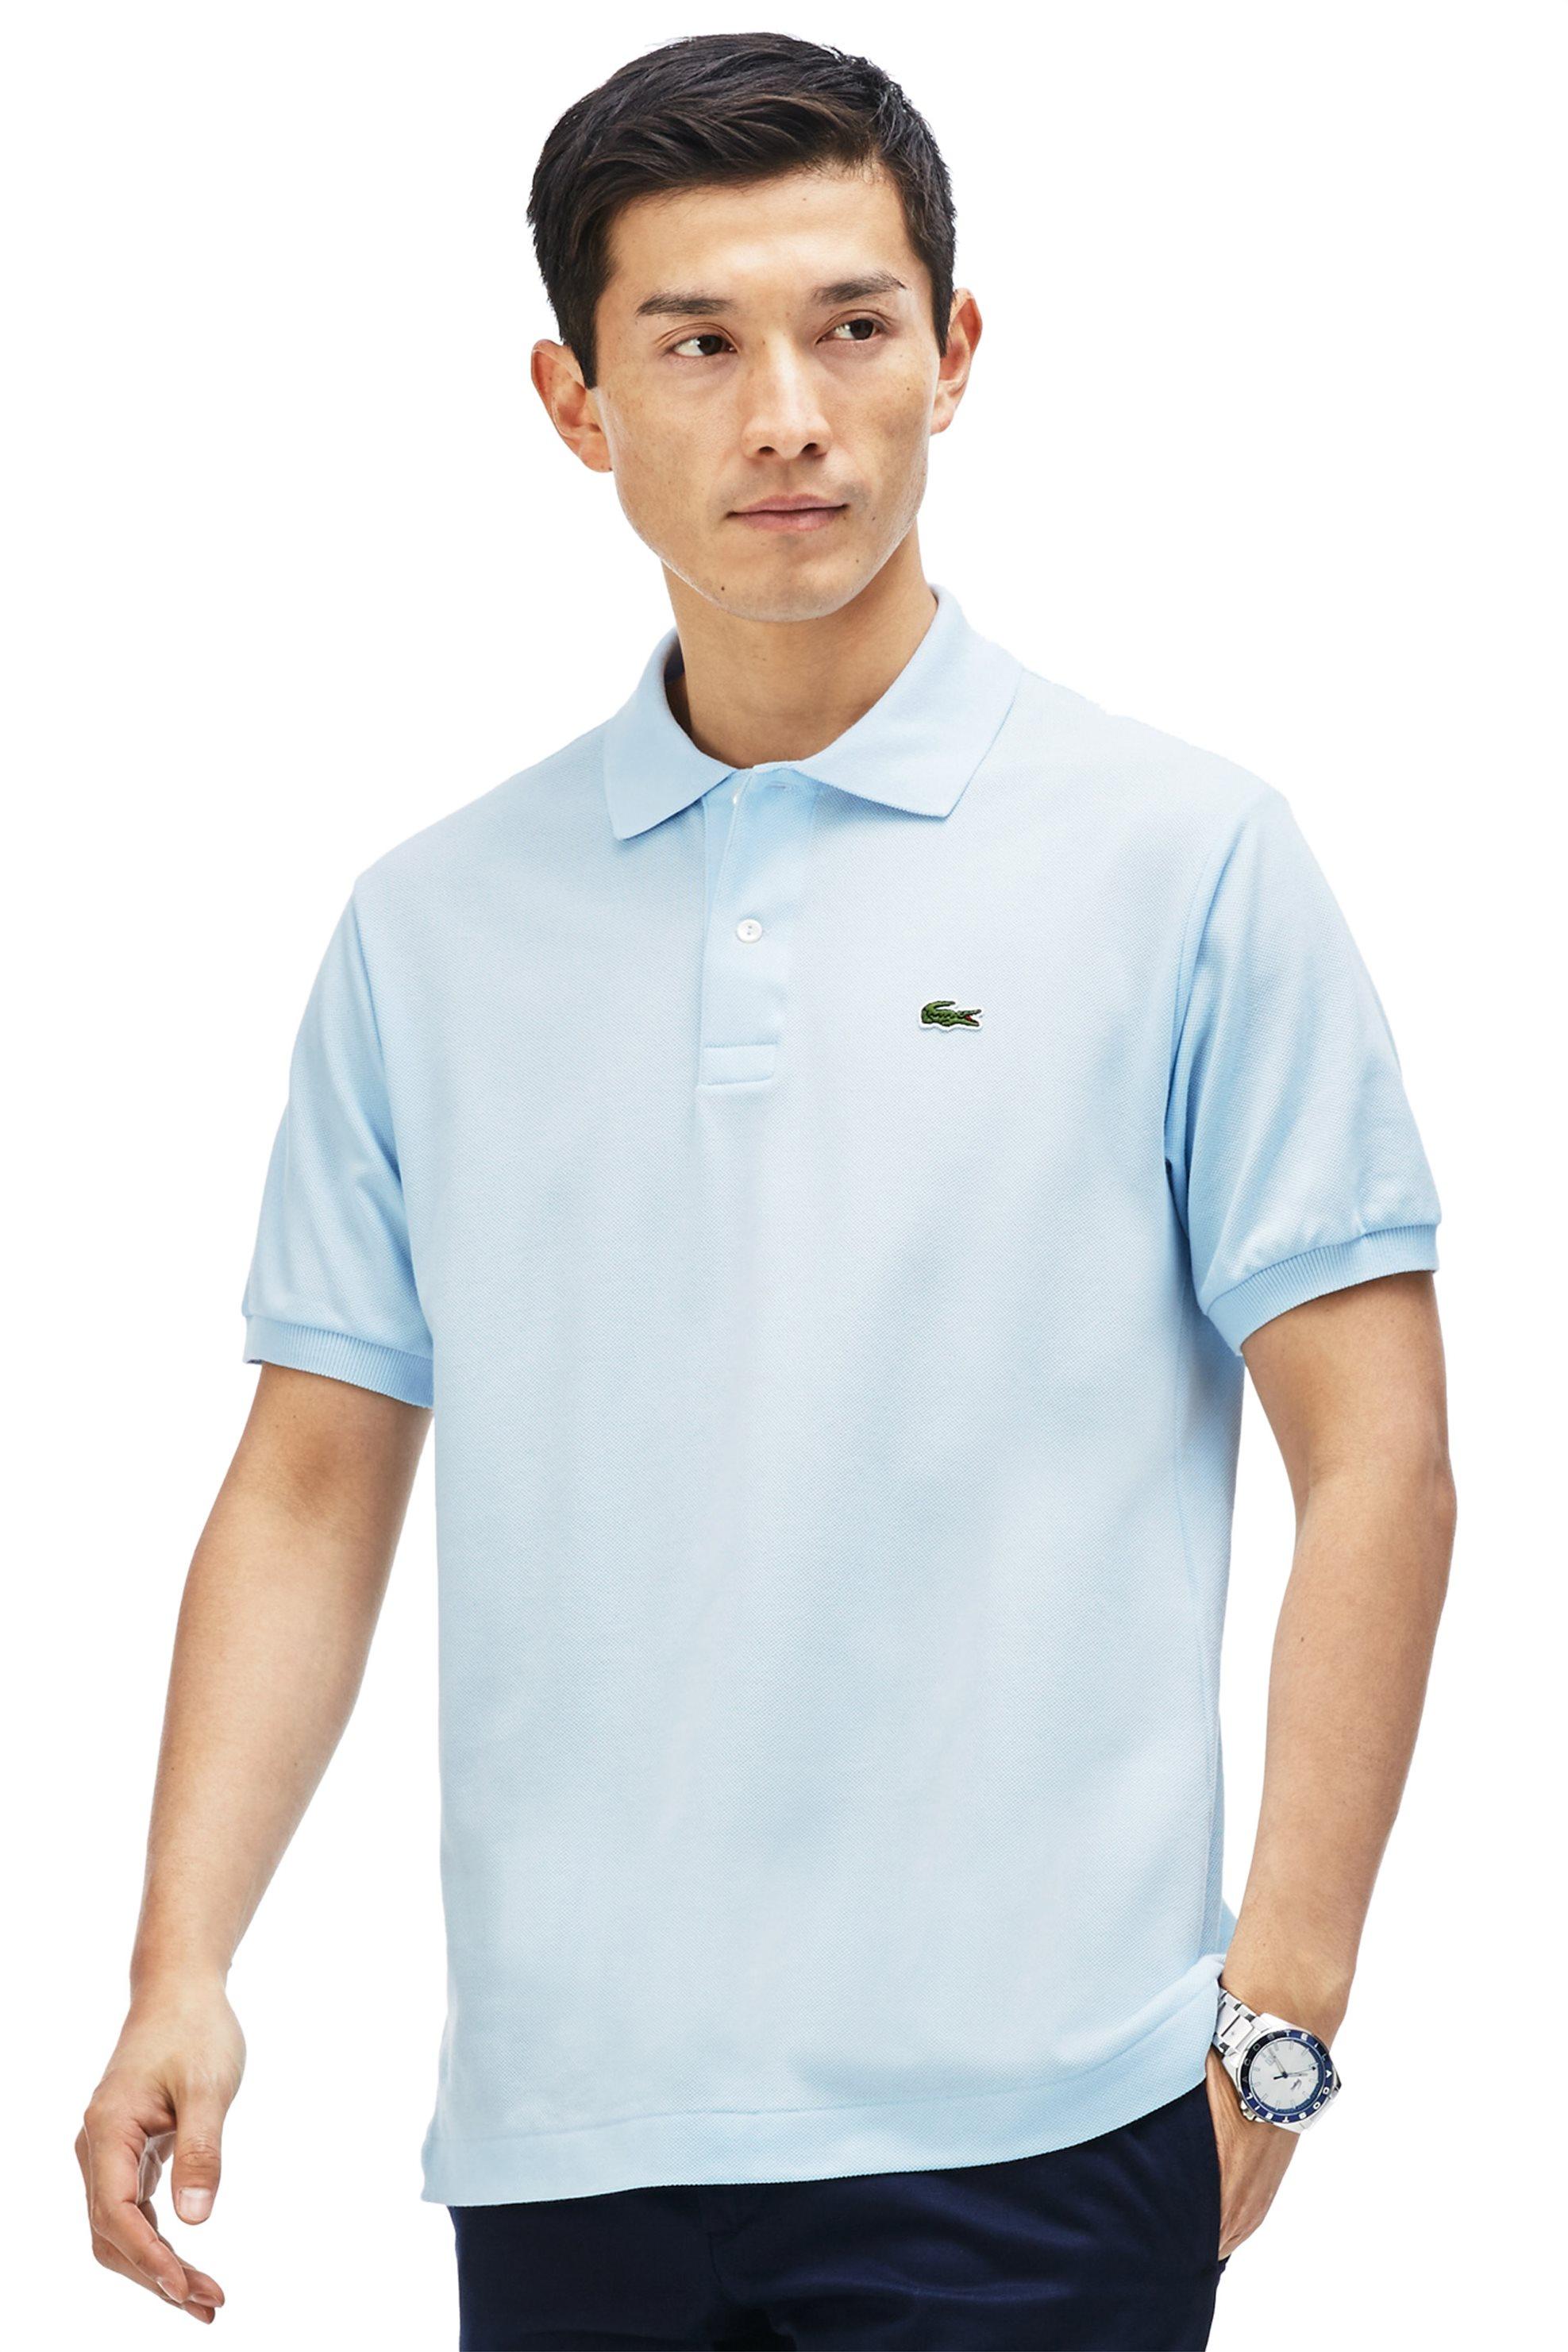 Notos Ανδρική μπλούζα L1212 Lacoste - L1212 - Μπλε Ανοιχτό 8268270893a